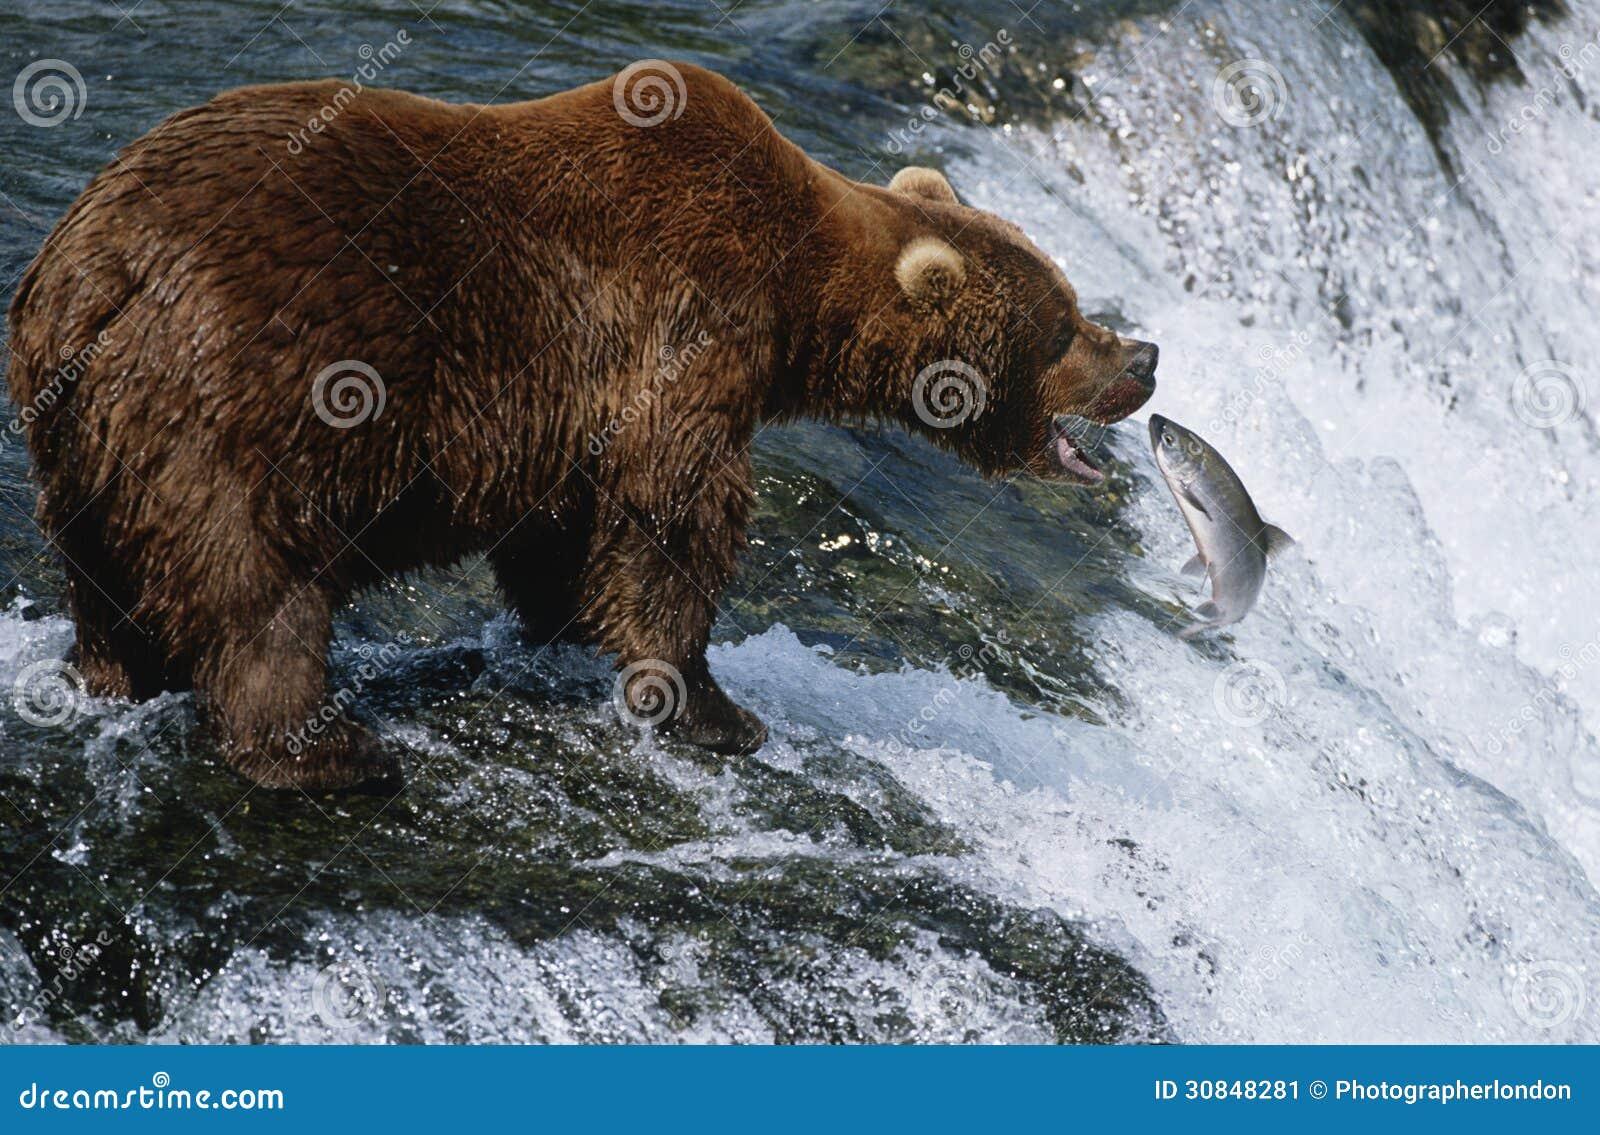 Draagt het Nationale Bruine Park van de V.S. Alaska Katmai vangende Zalm in rivier zijaanzicht